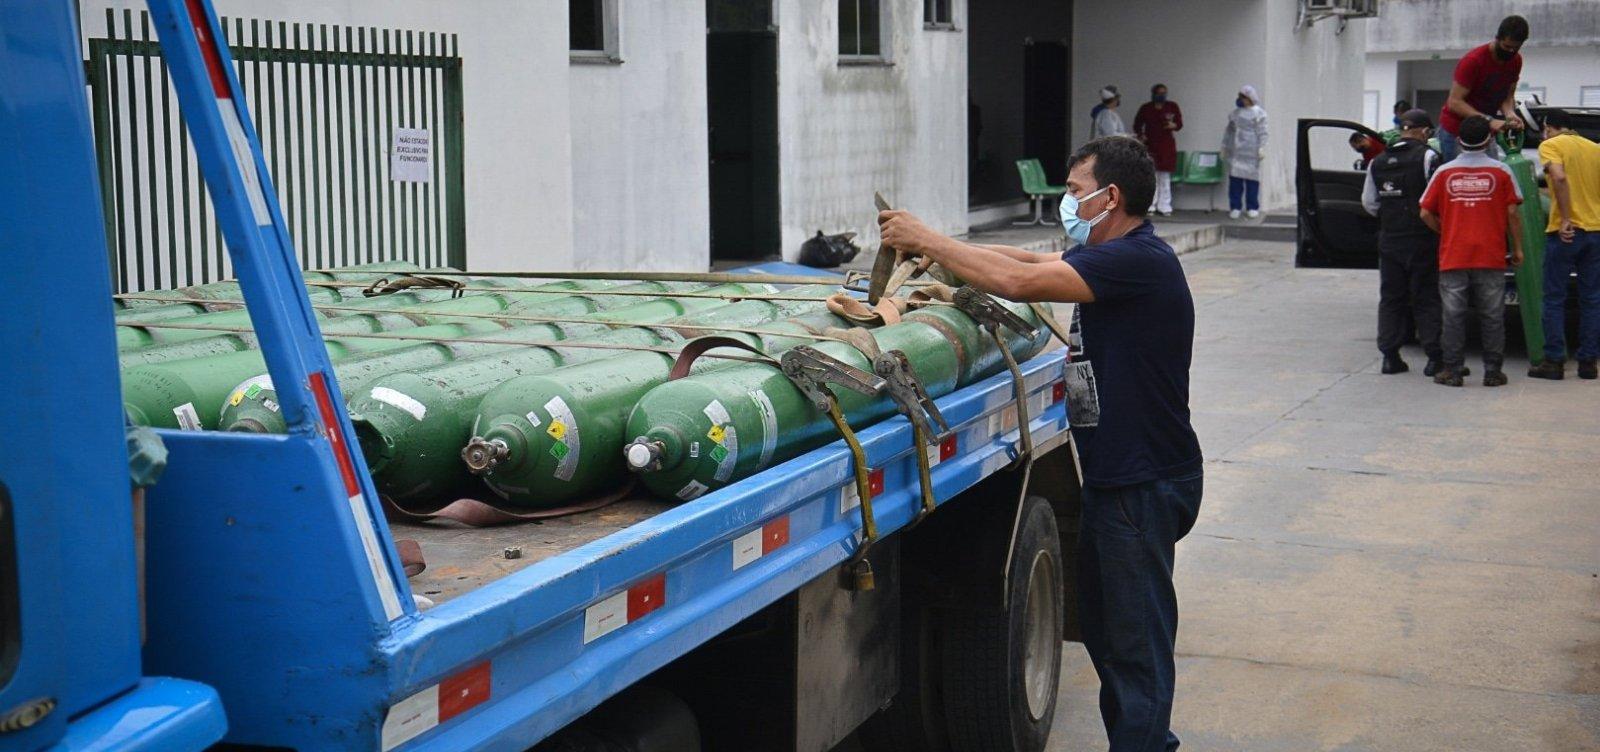 Após oxigênio, mais de cem médicos da Venezuela se oferecem para ajudar Manaus